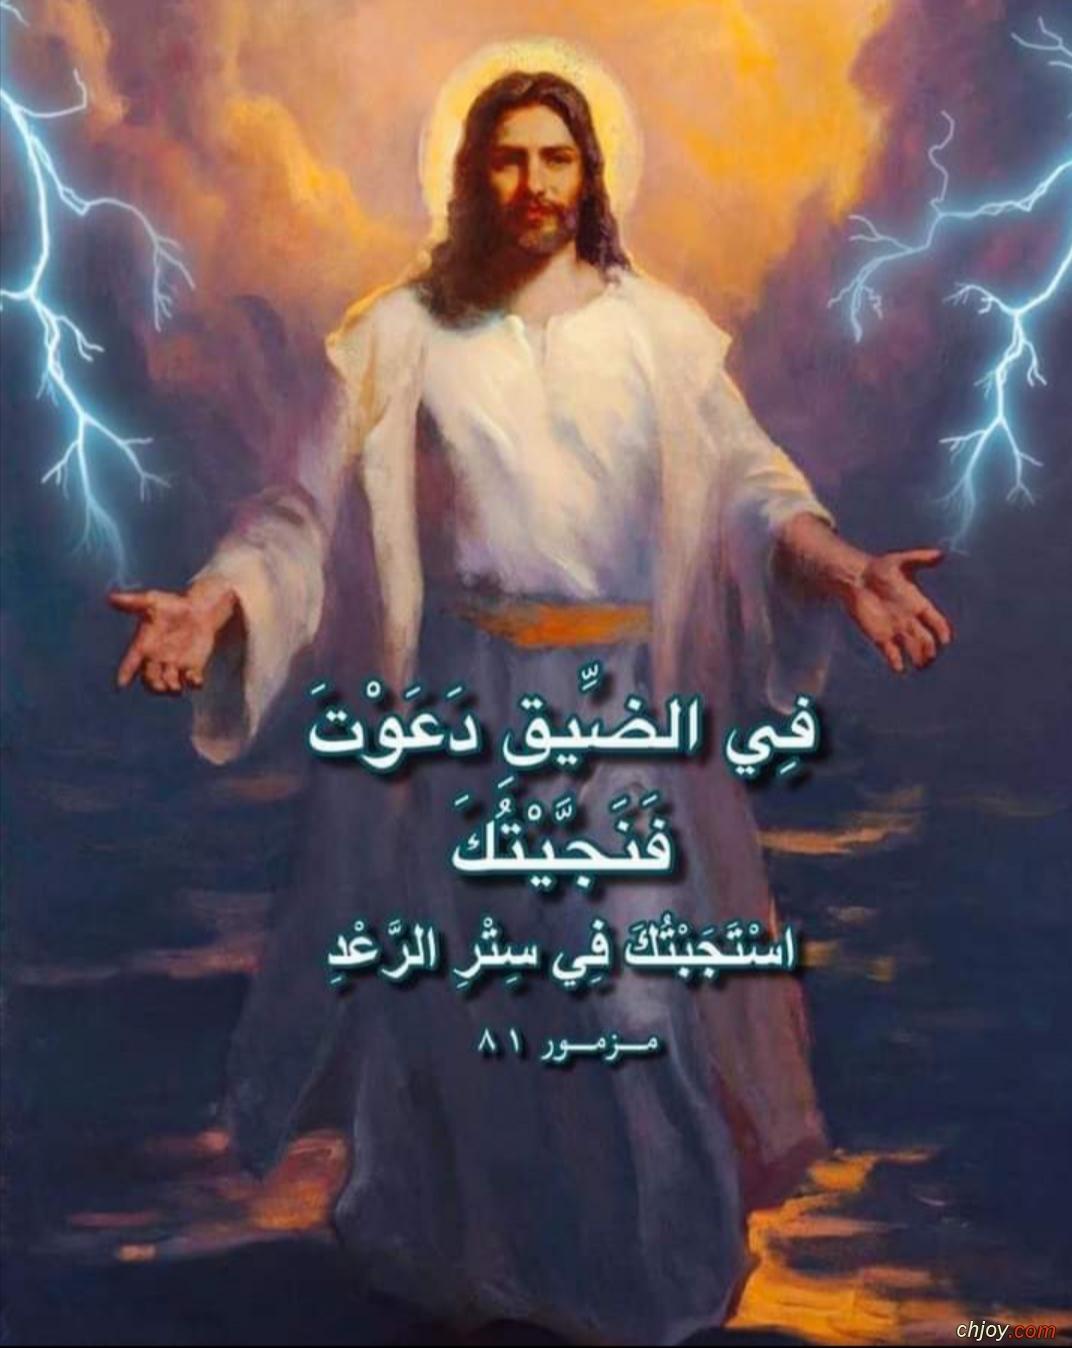 وعد معزي لك من يسوع 2021/9/15